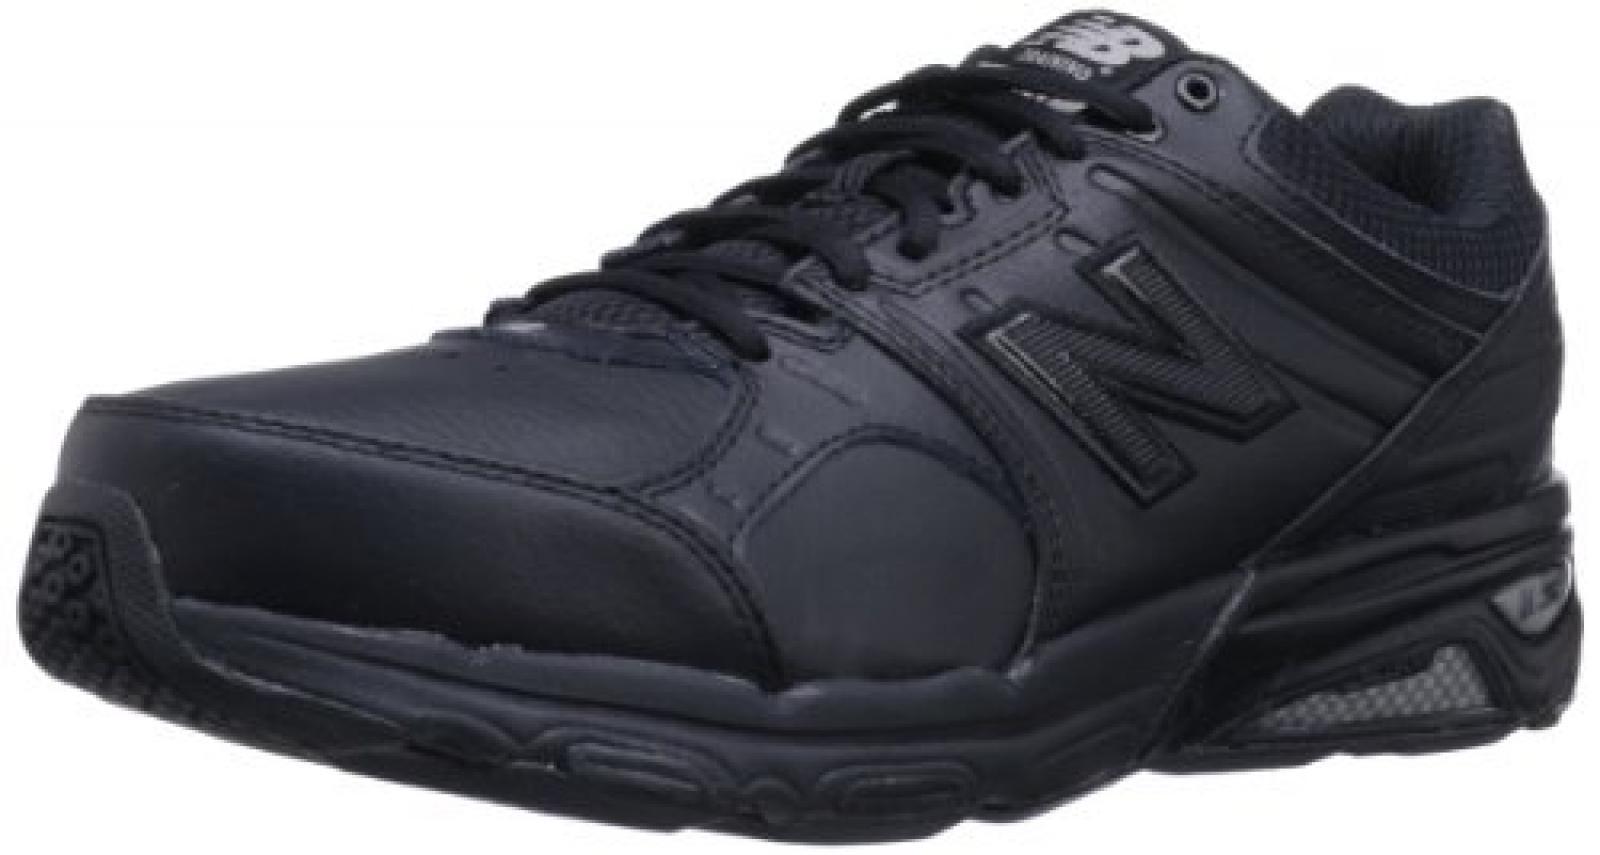 New Balance , Herren Laufschuhe, Schwarz - schwarz - Größe: 45